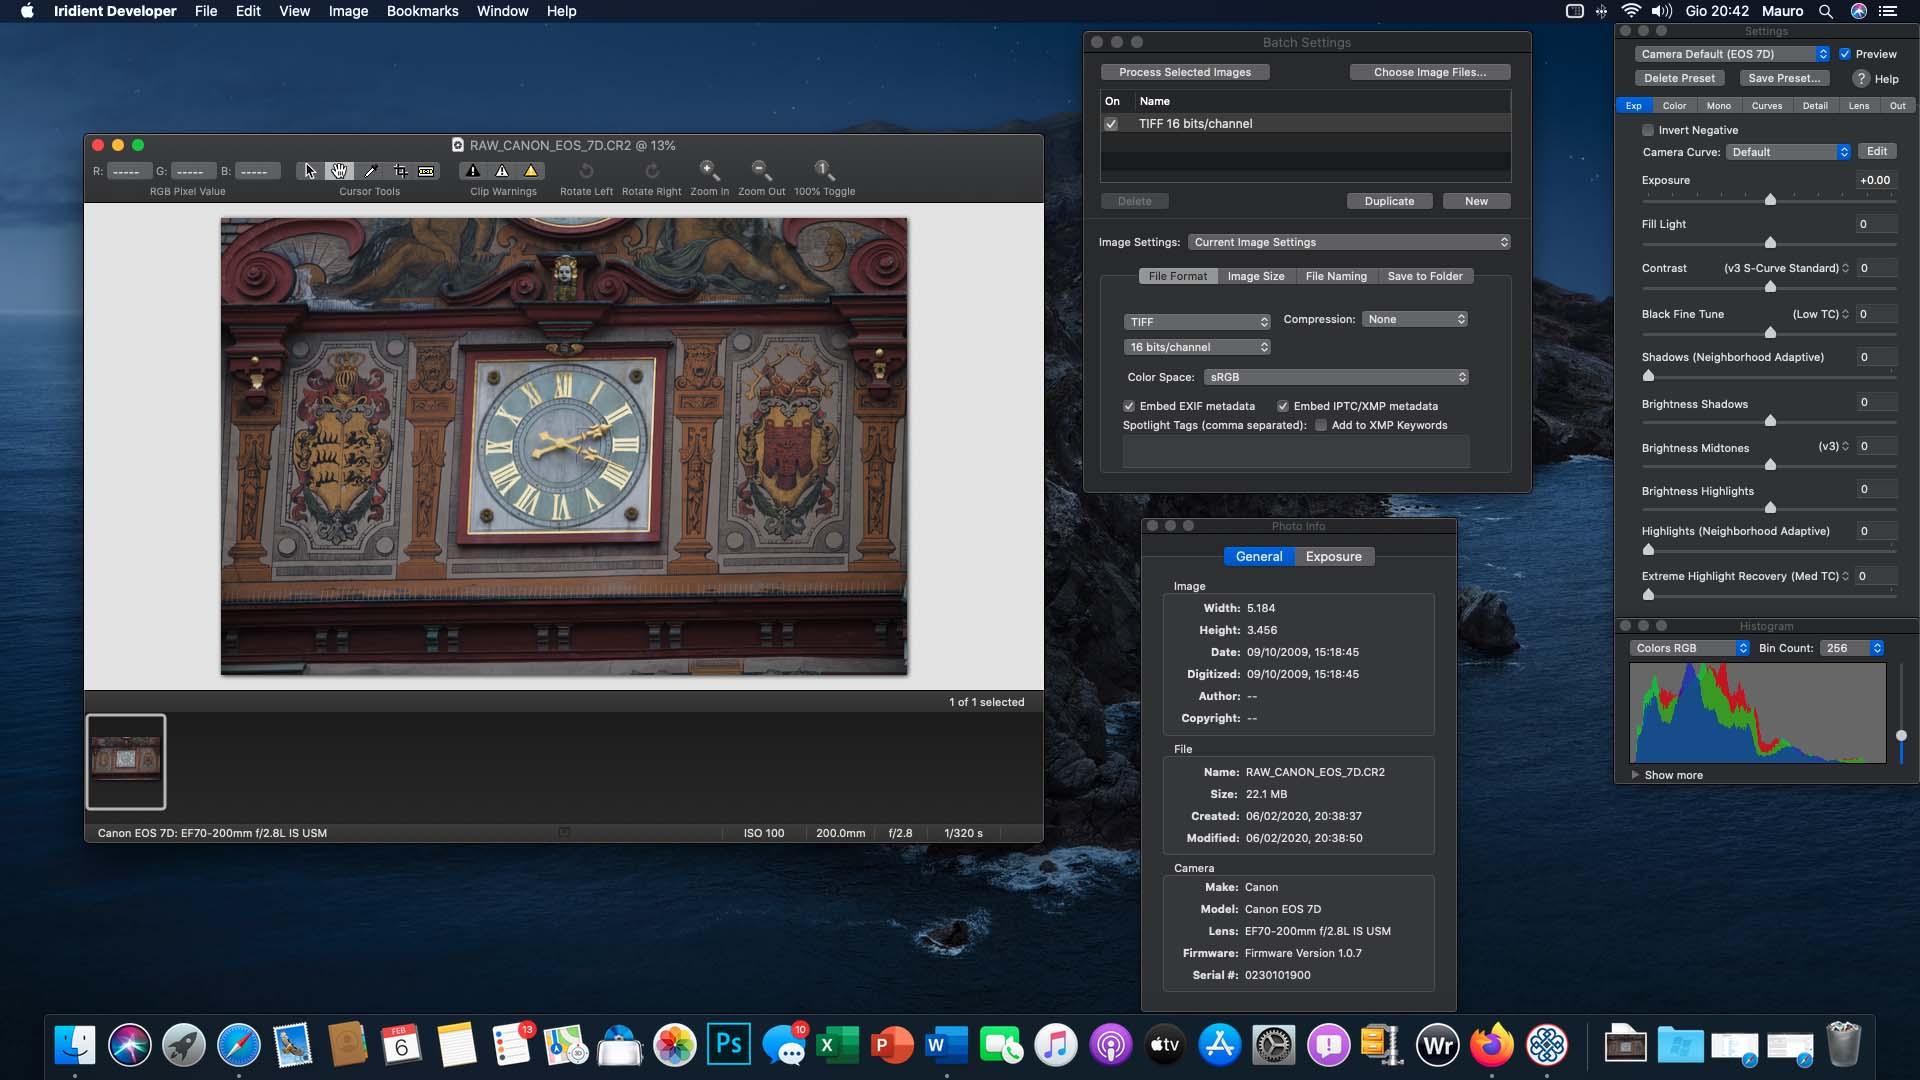 Iridient Developer 3.3.10, aggiornata l'utility Mac di conversione RAW